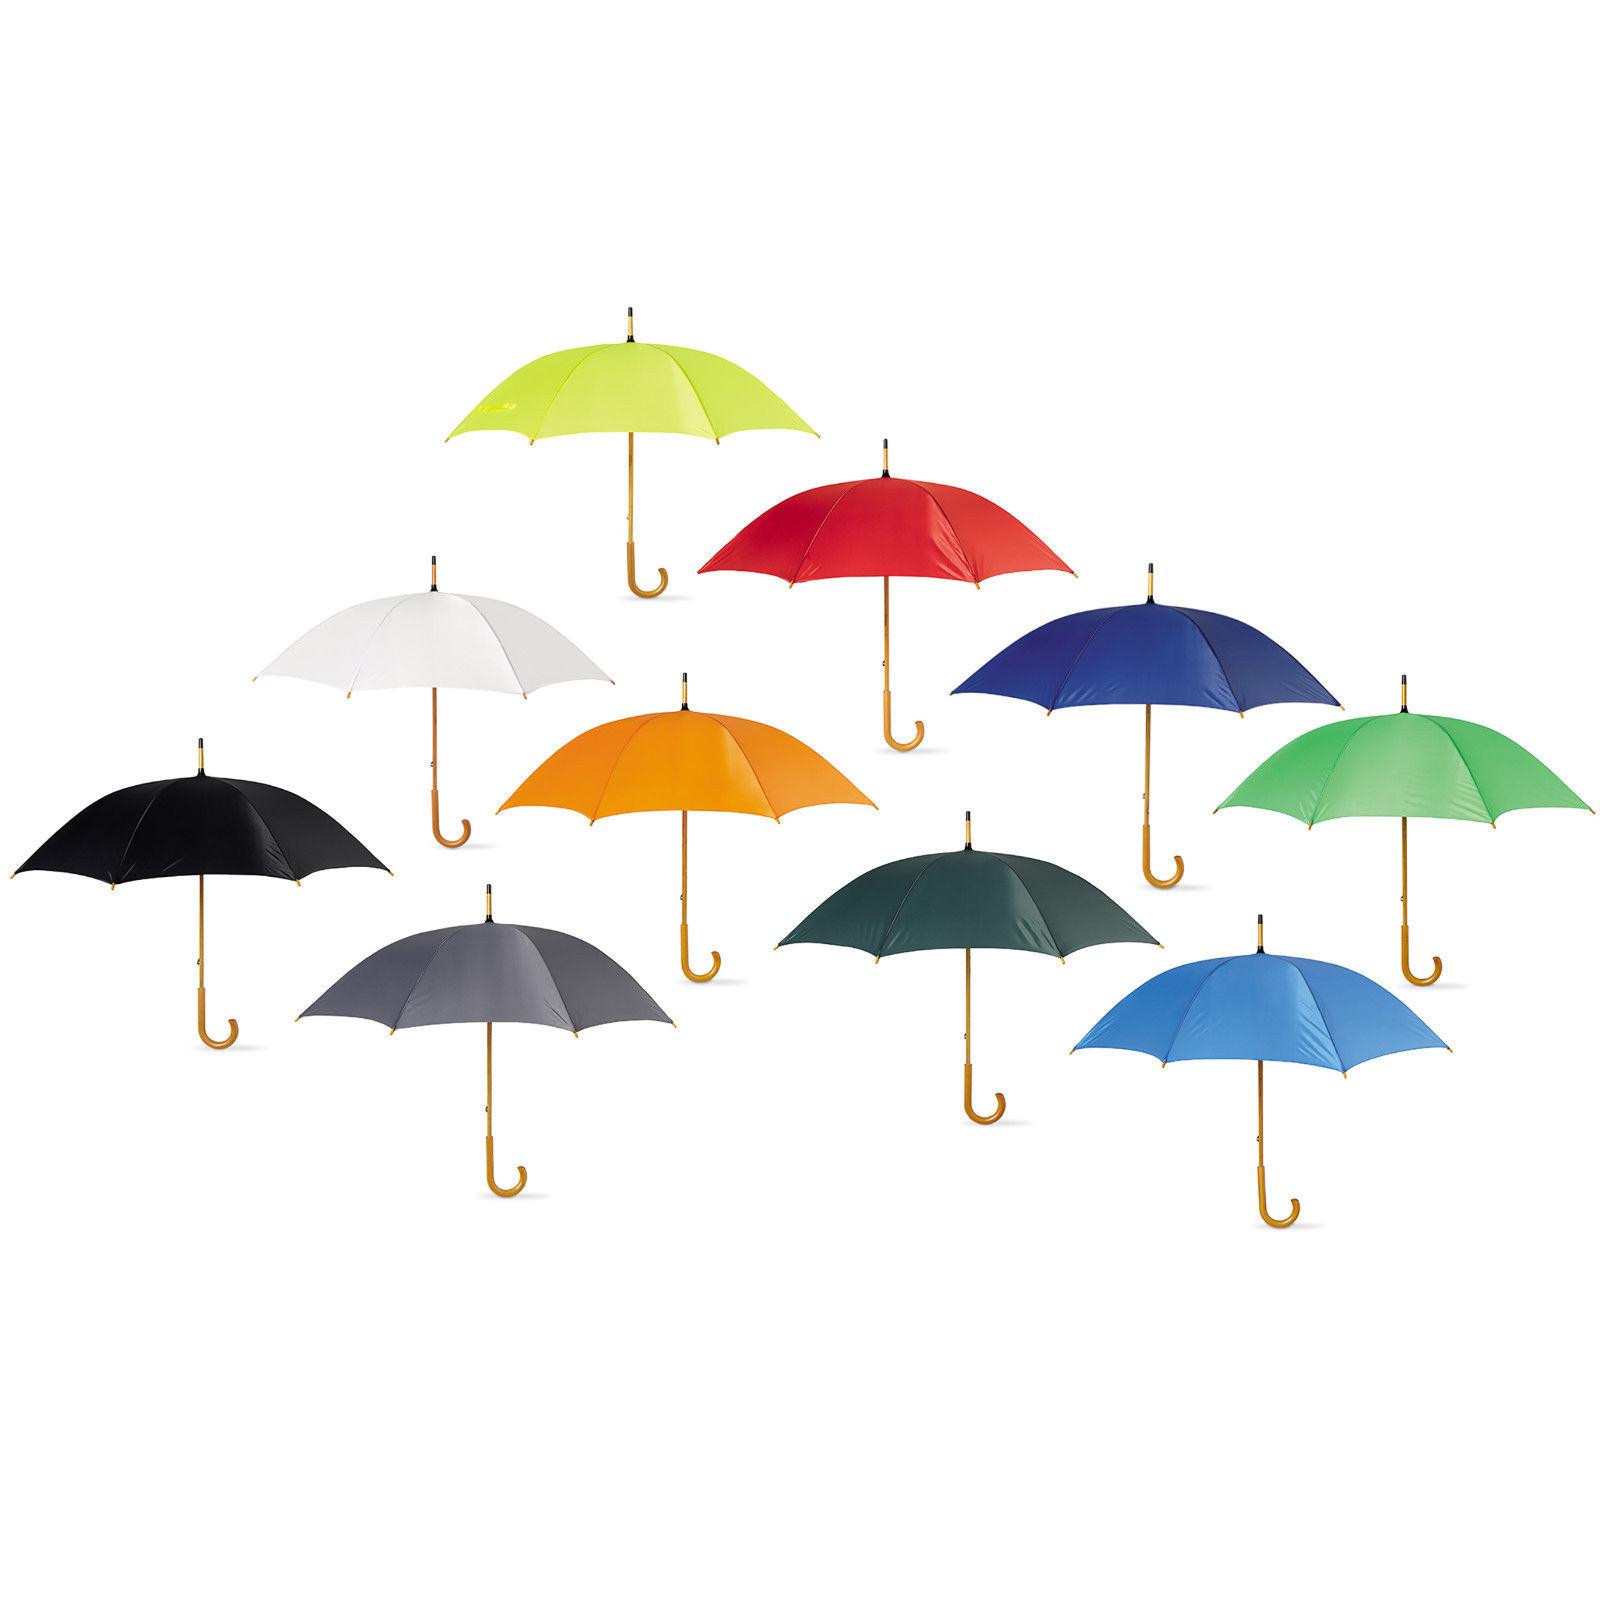 5-Wedding-Style-Umbrellas-with-crooked-wooden-handle-Bride-Groom-Bridesmaid